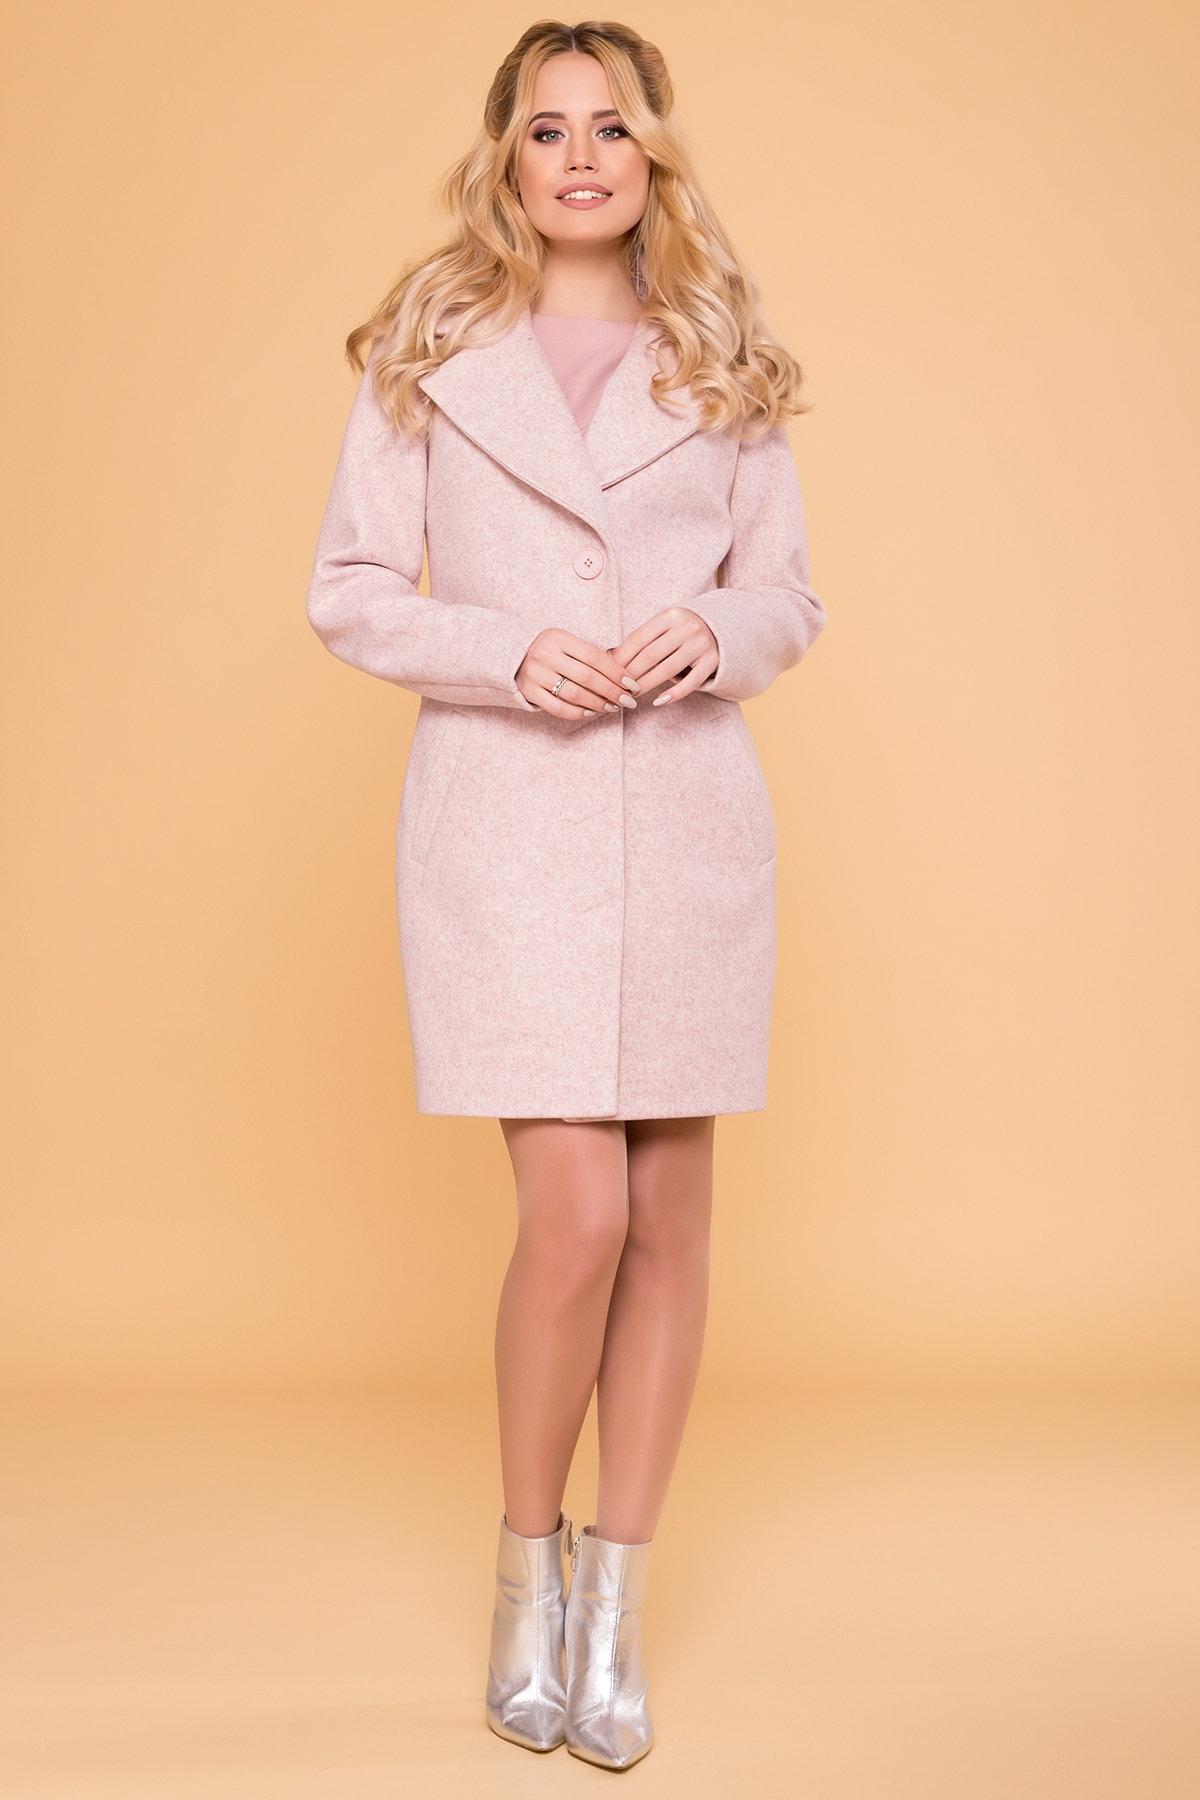 Пальто Габриэлла 5558 Цвет: Бежевый/Розовый 6